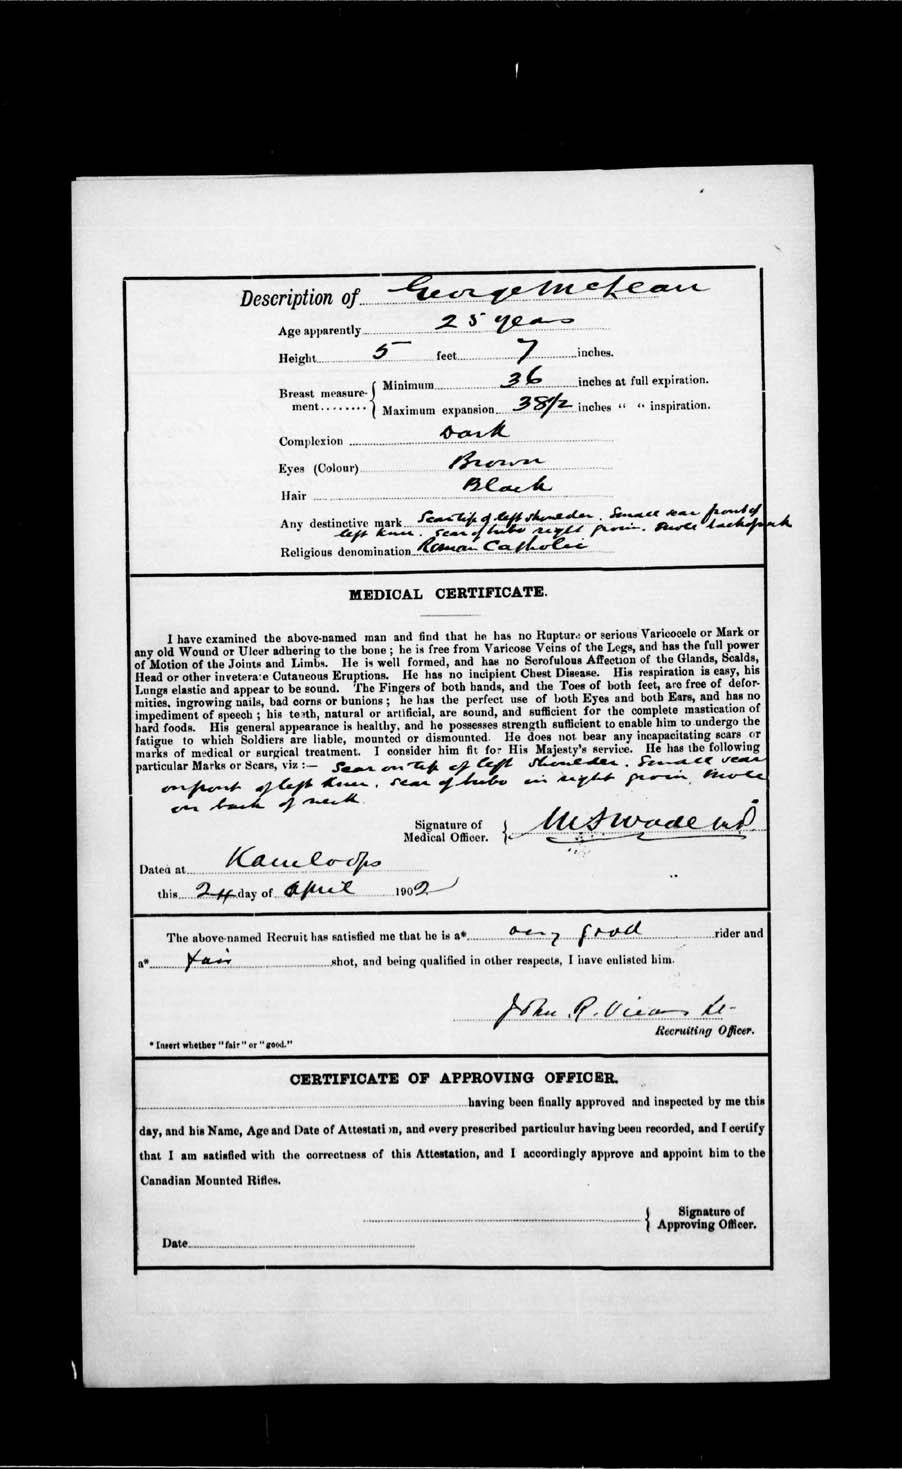 Page numérisé de Boer War pour l'image numéro: e002191149